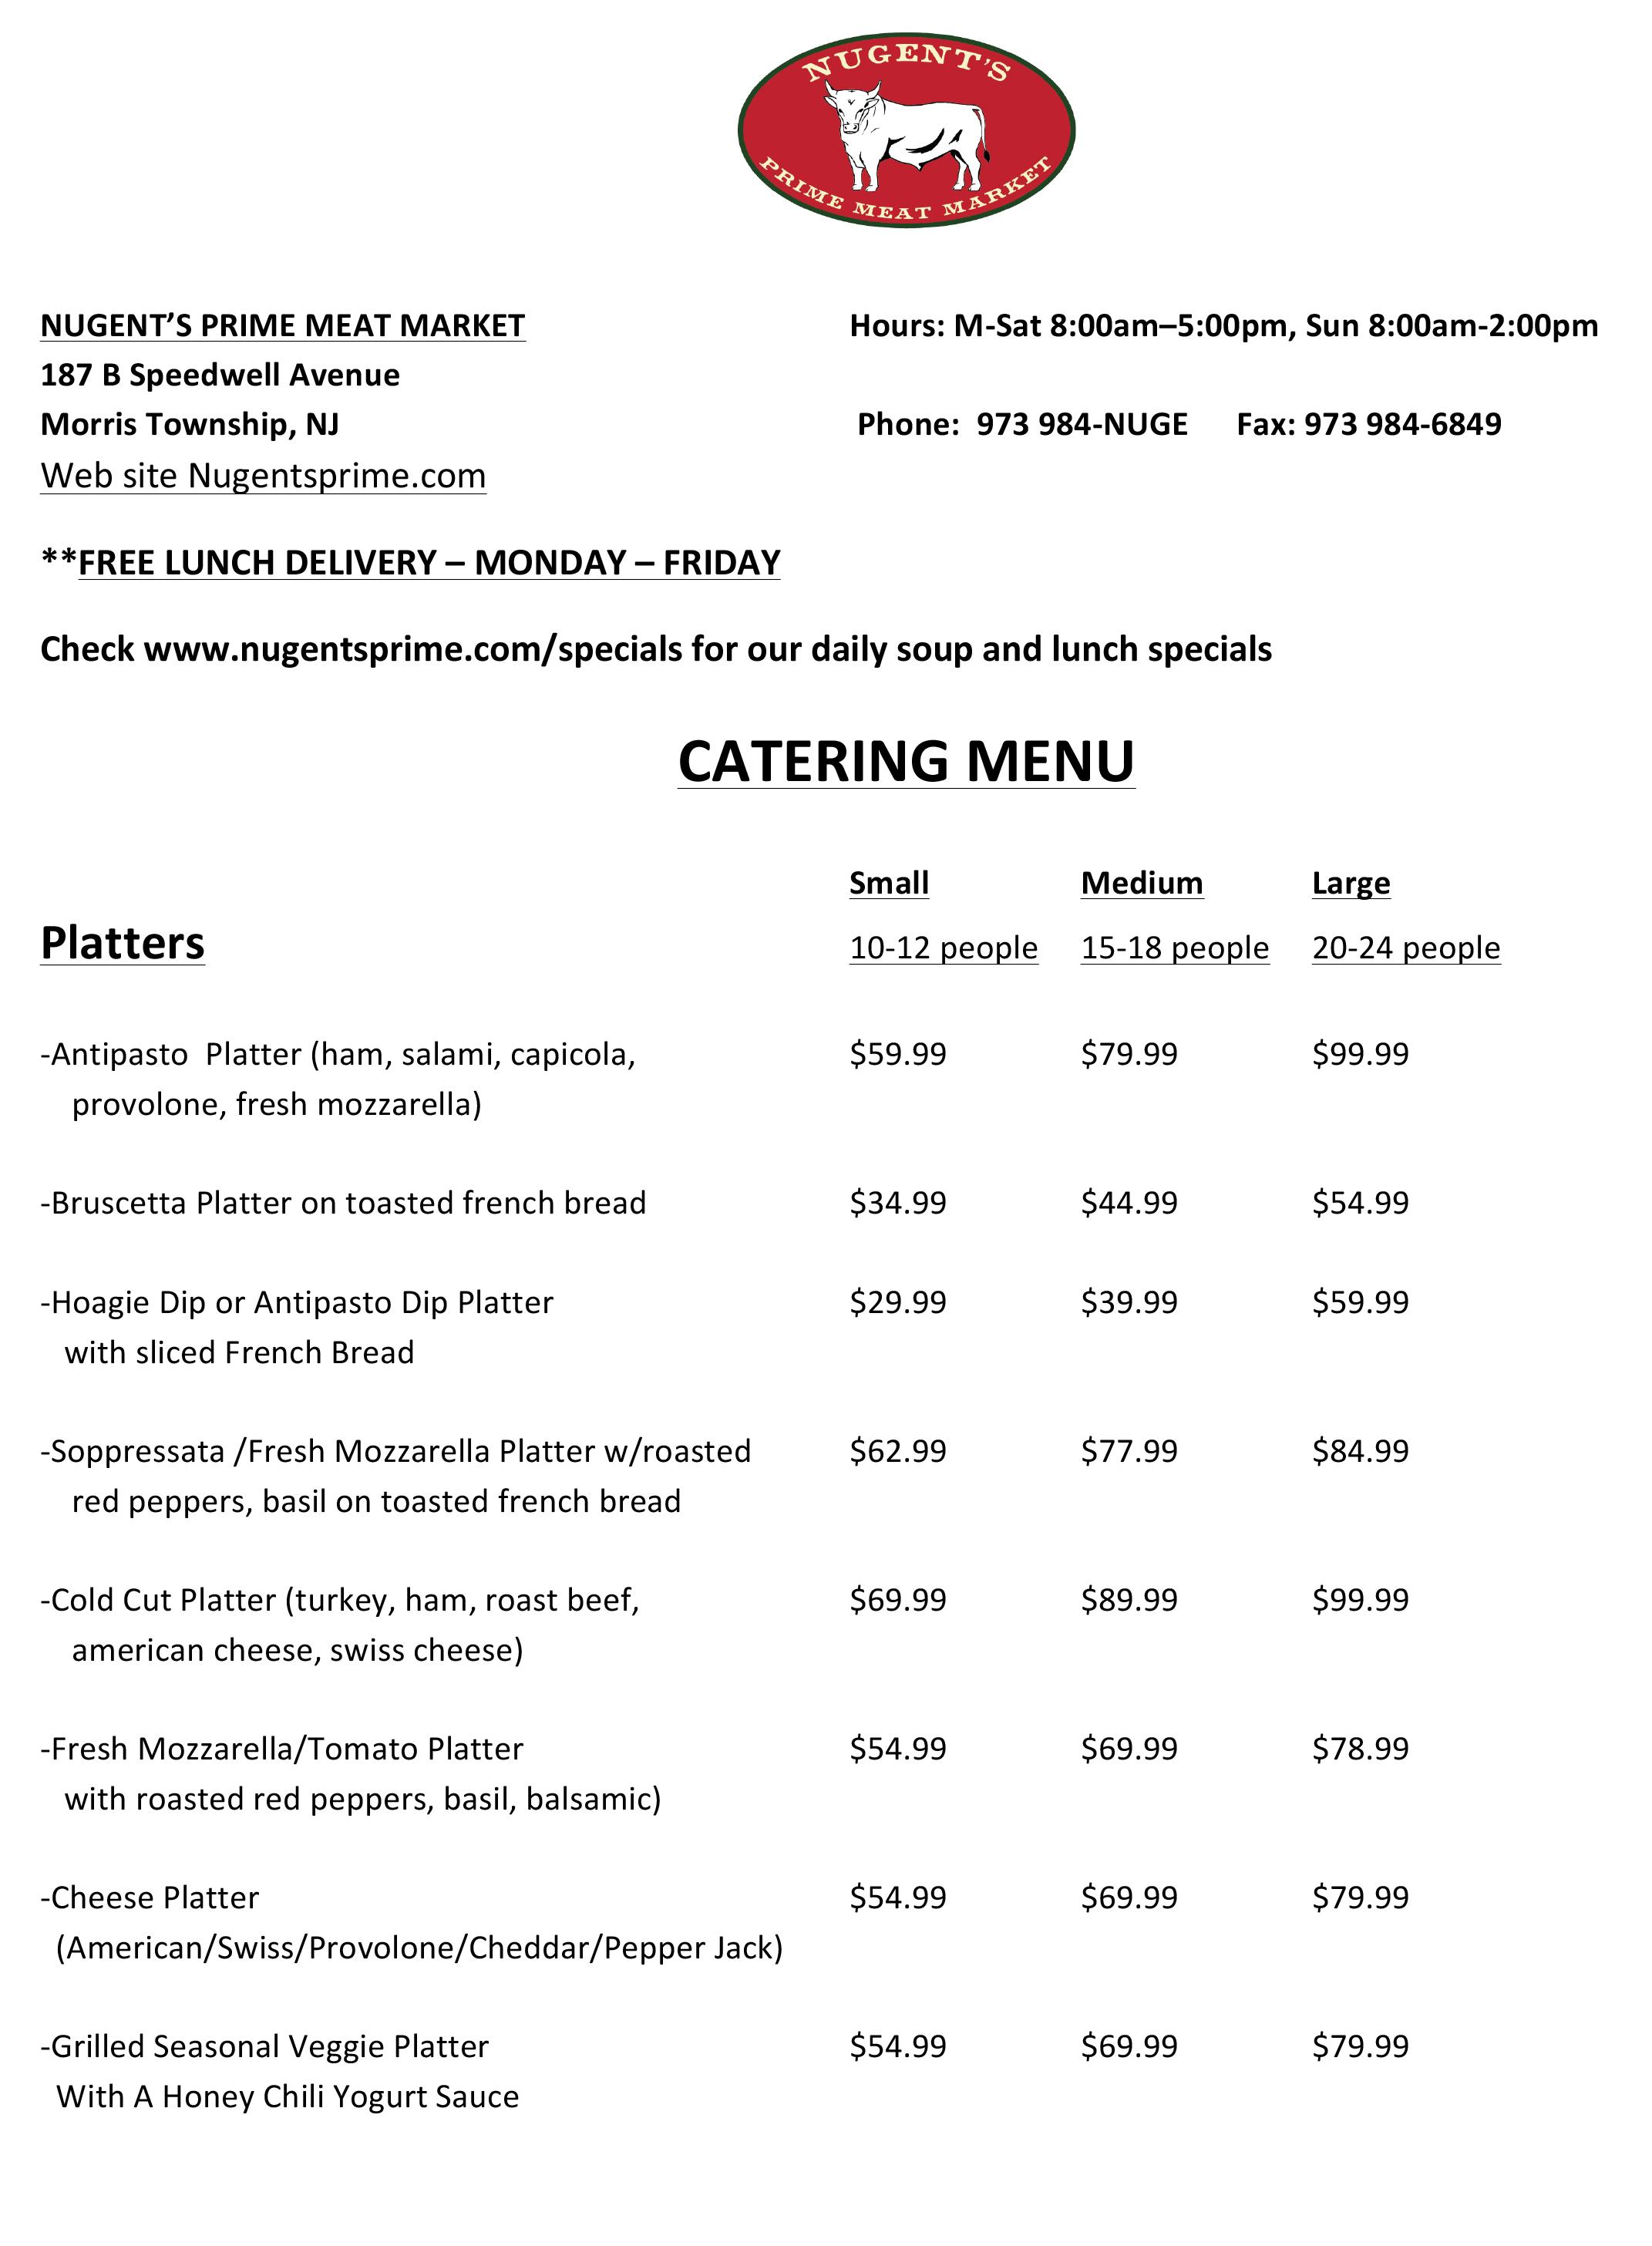 Catering Menu feb 15 th new-1.jpg